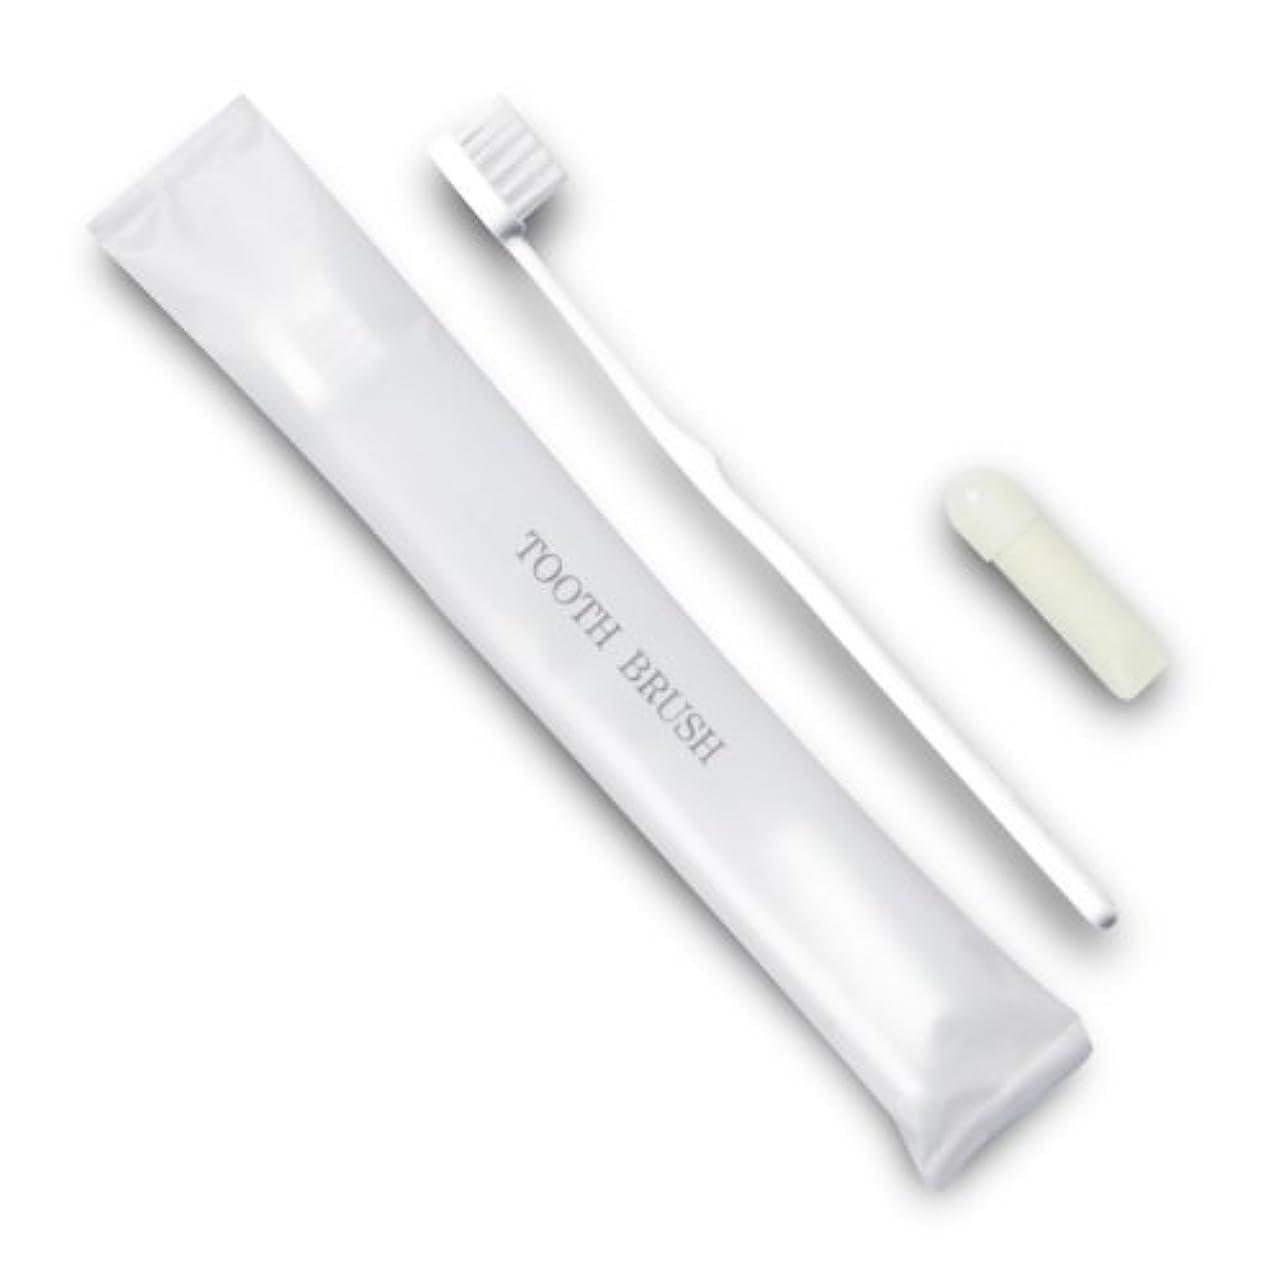 自伝真っ逆さまするホテル業務用歯ブラシ21穴(白)3gチューブ マット袋FタイプDX 1400本